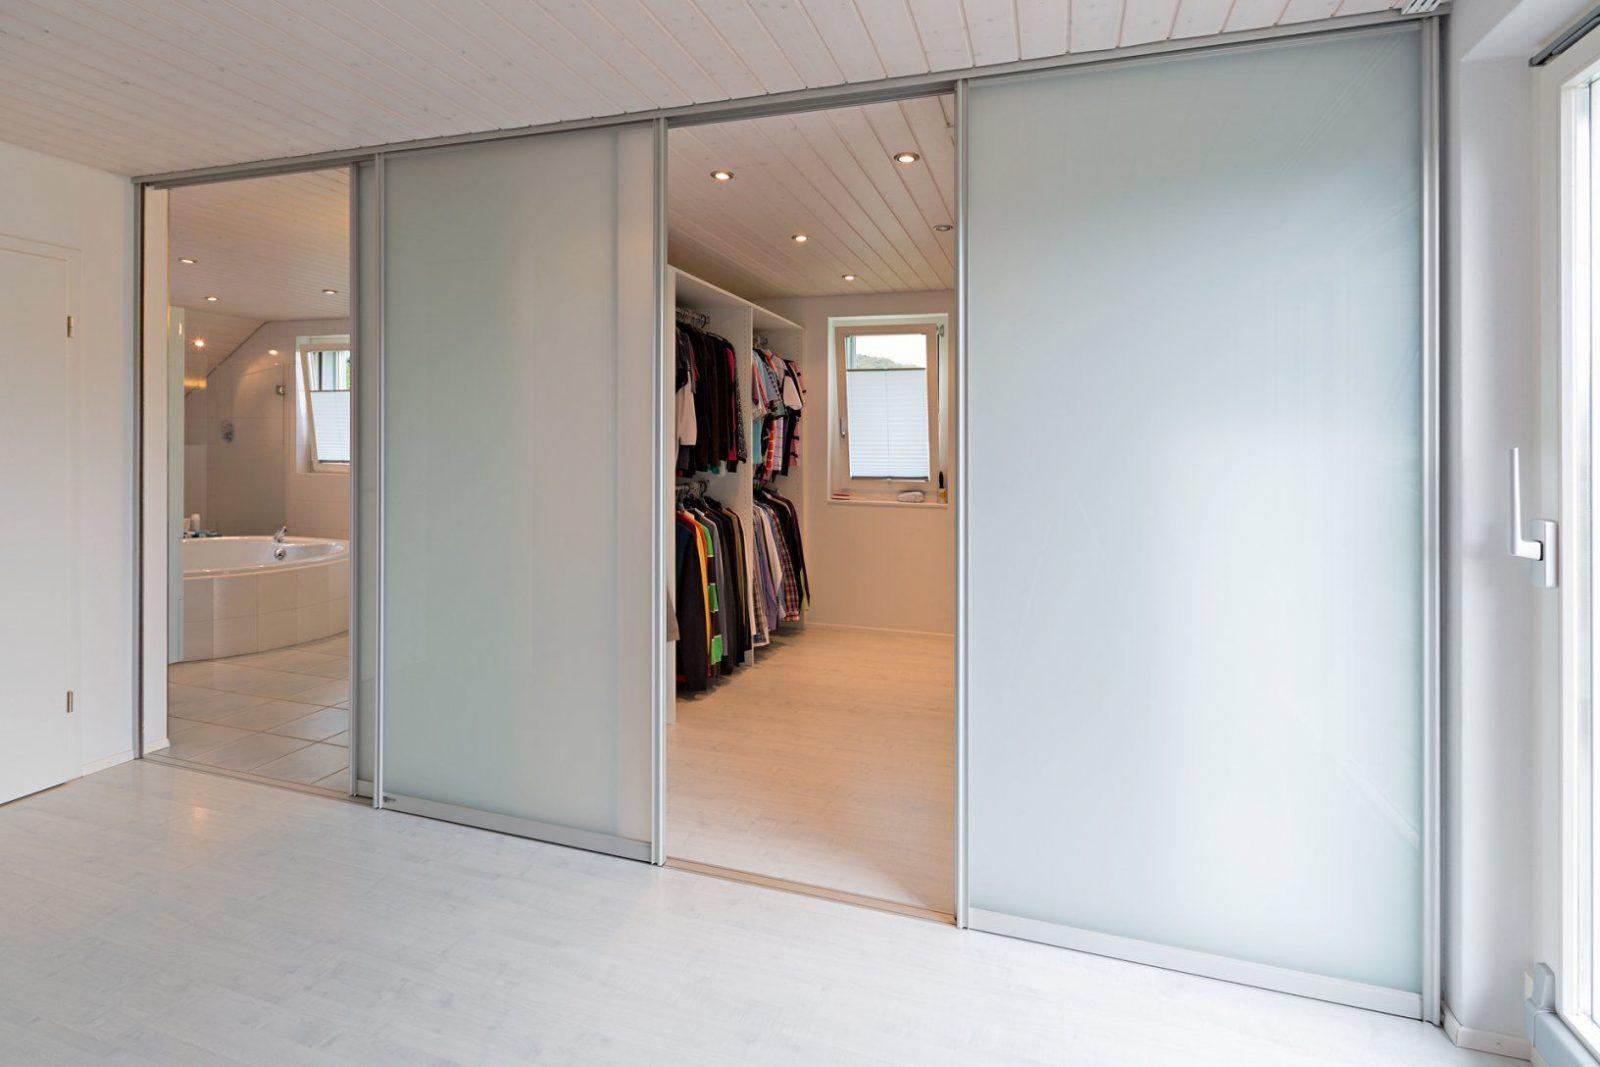 Trennwnde Raumteiler Selber Bauen  Haus Design Ideen